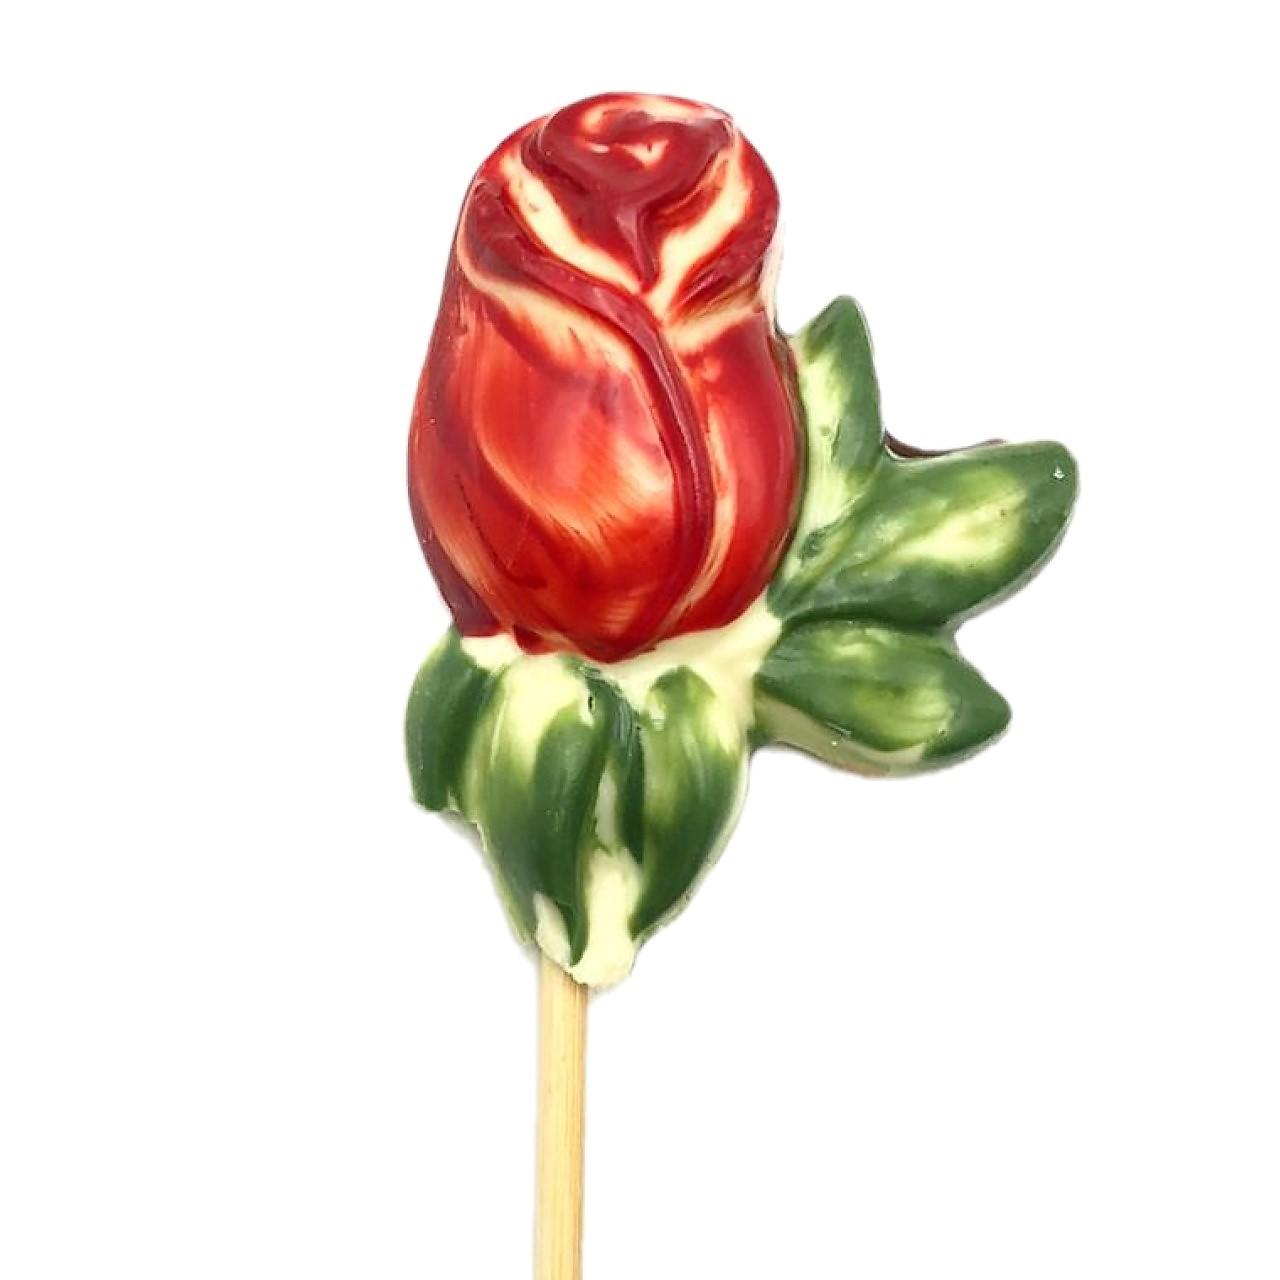 Pirulito de Chocolate ao Leite - Rosa Vermelha